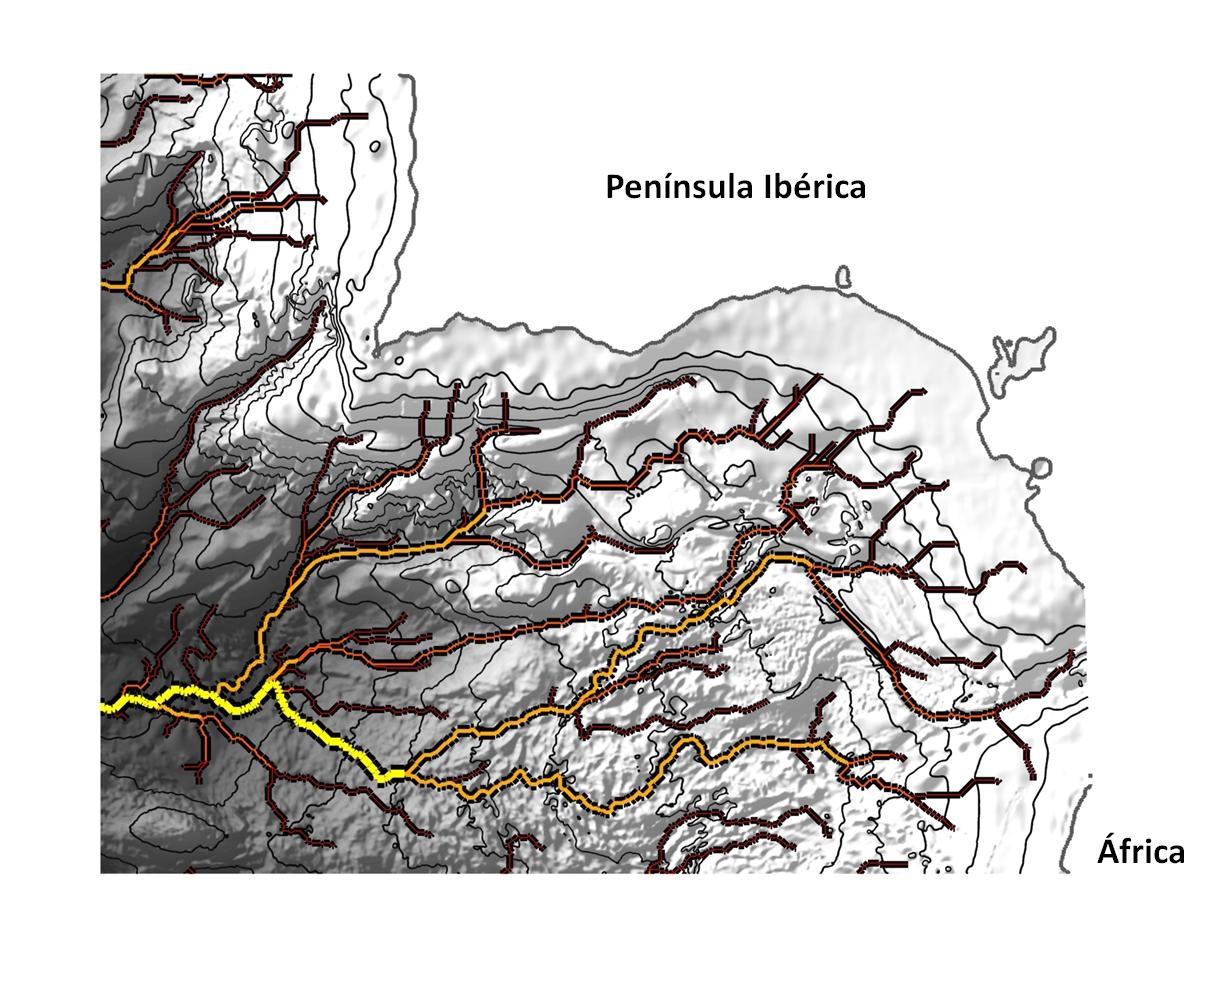 Ramales de la corriente salina del Mediterráneo al acceder al Atlántico. Imagen: M. Gasser / J.Ll. Pelegrí (ICM)